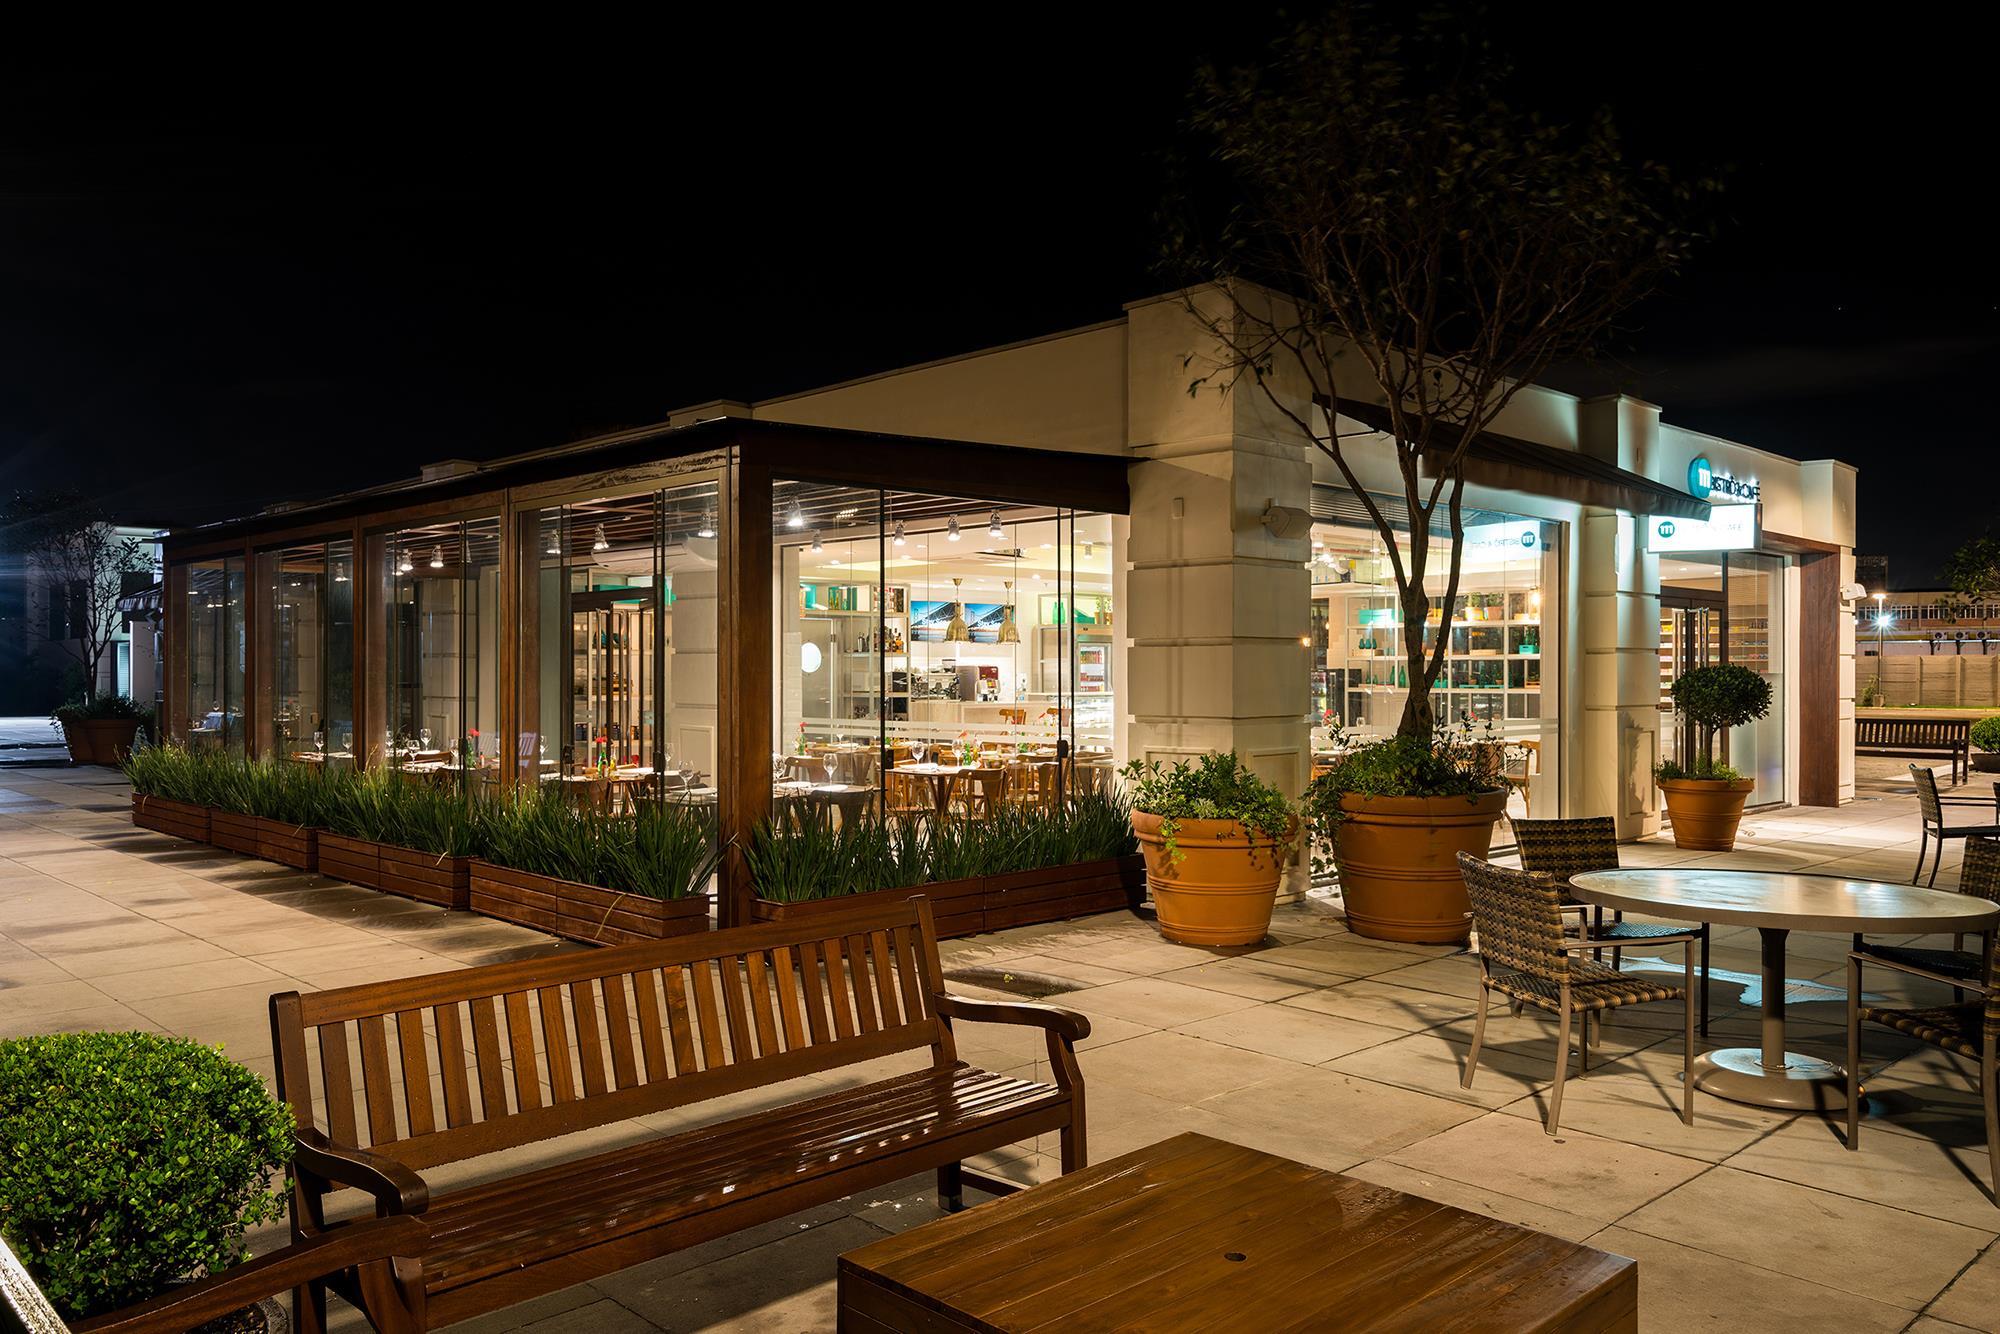 111-Bistro-e-Cafe-1